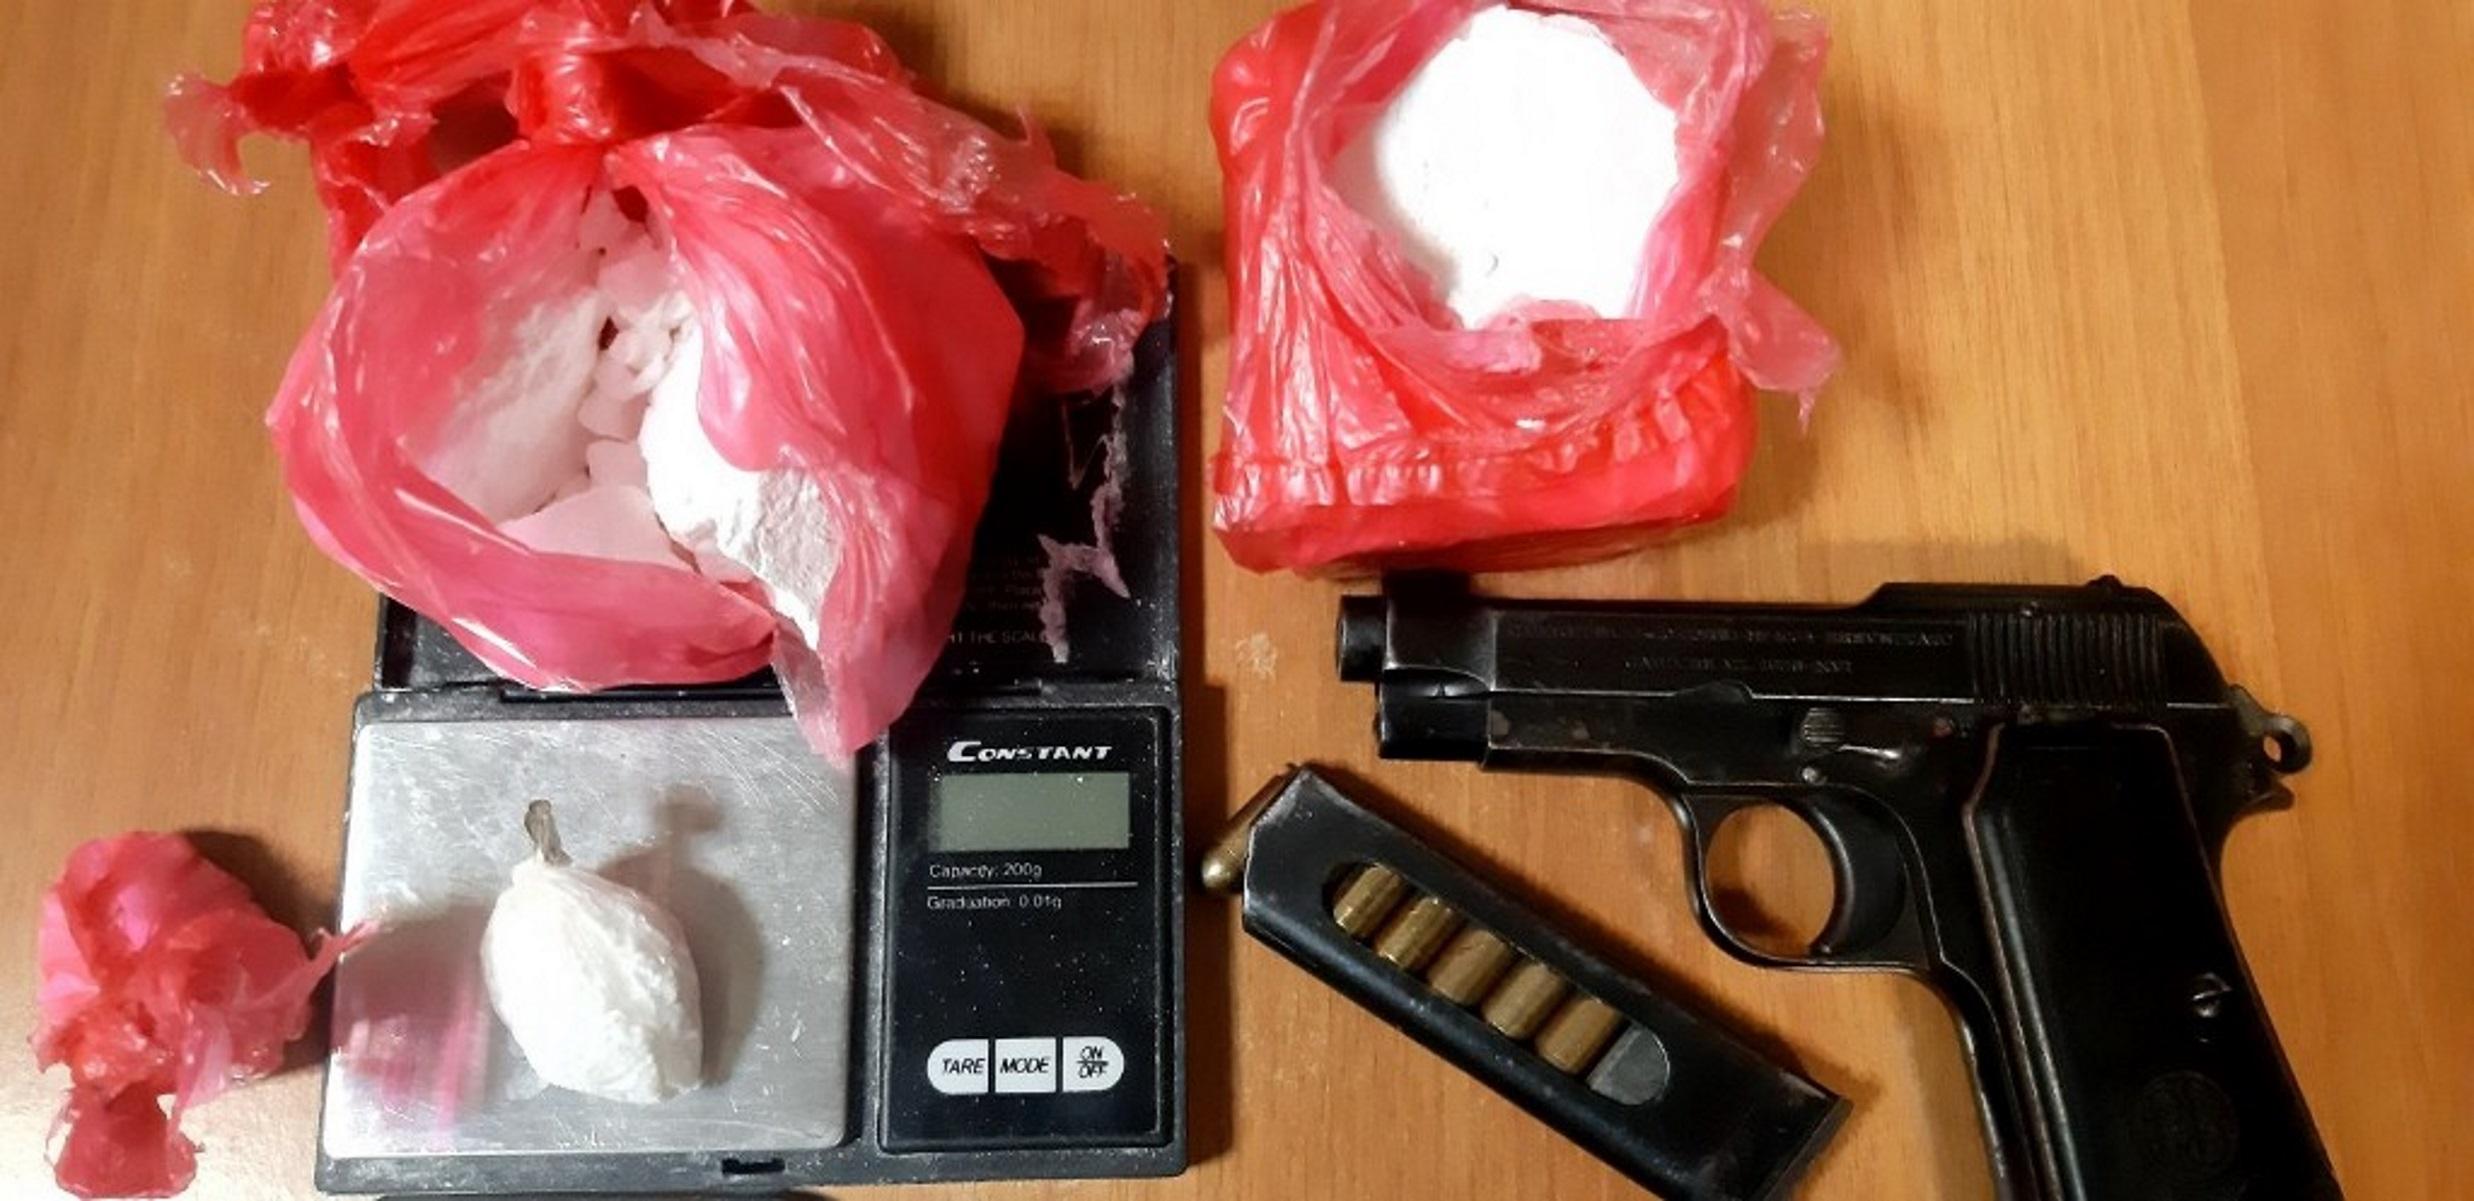 Κρήτη: 13χρονος «έσπρωχνε» ναρκωτικά  στις πιάτσες του Ηρακλείου – Οικογενειακή «επιχείρηση» διακίνησης